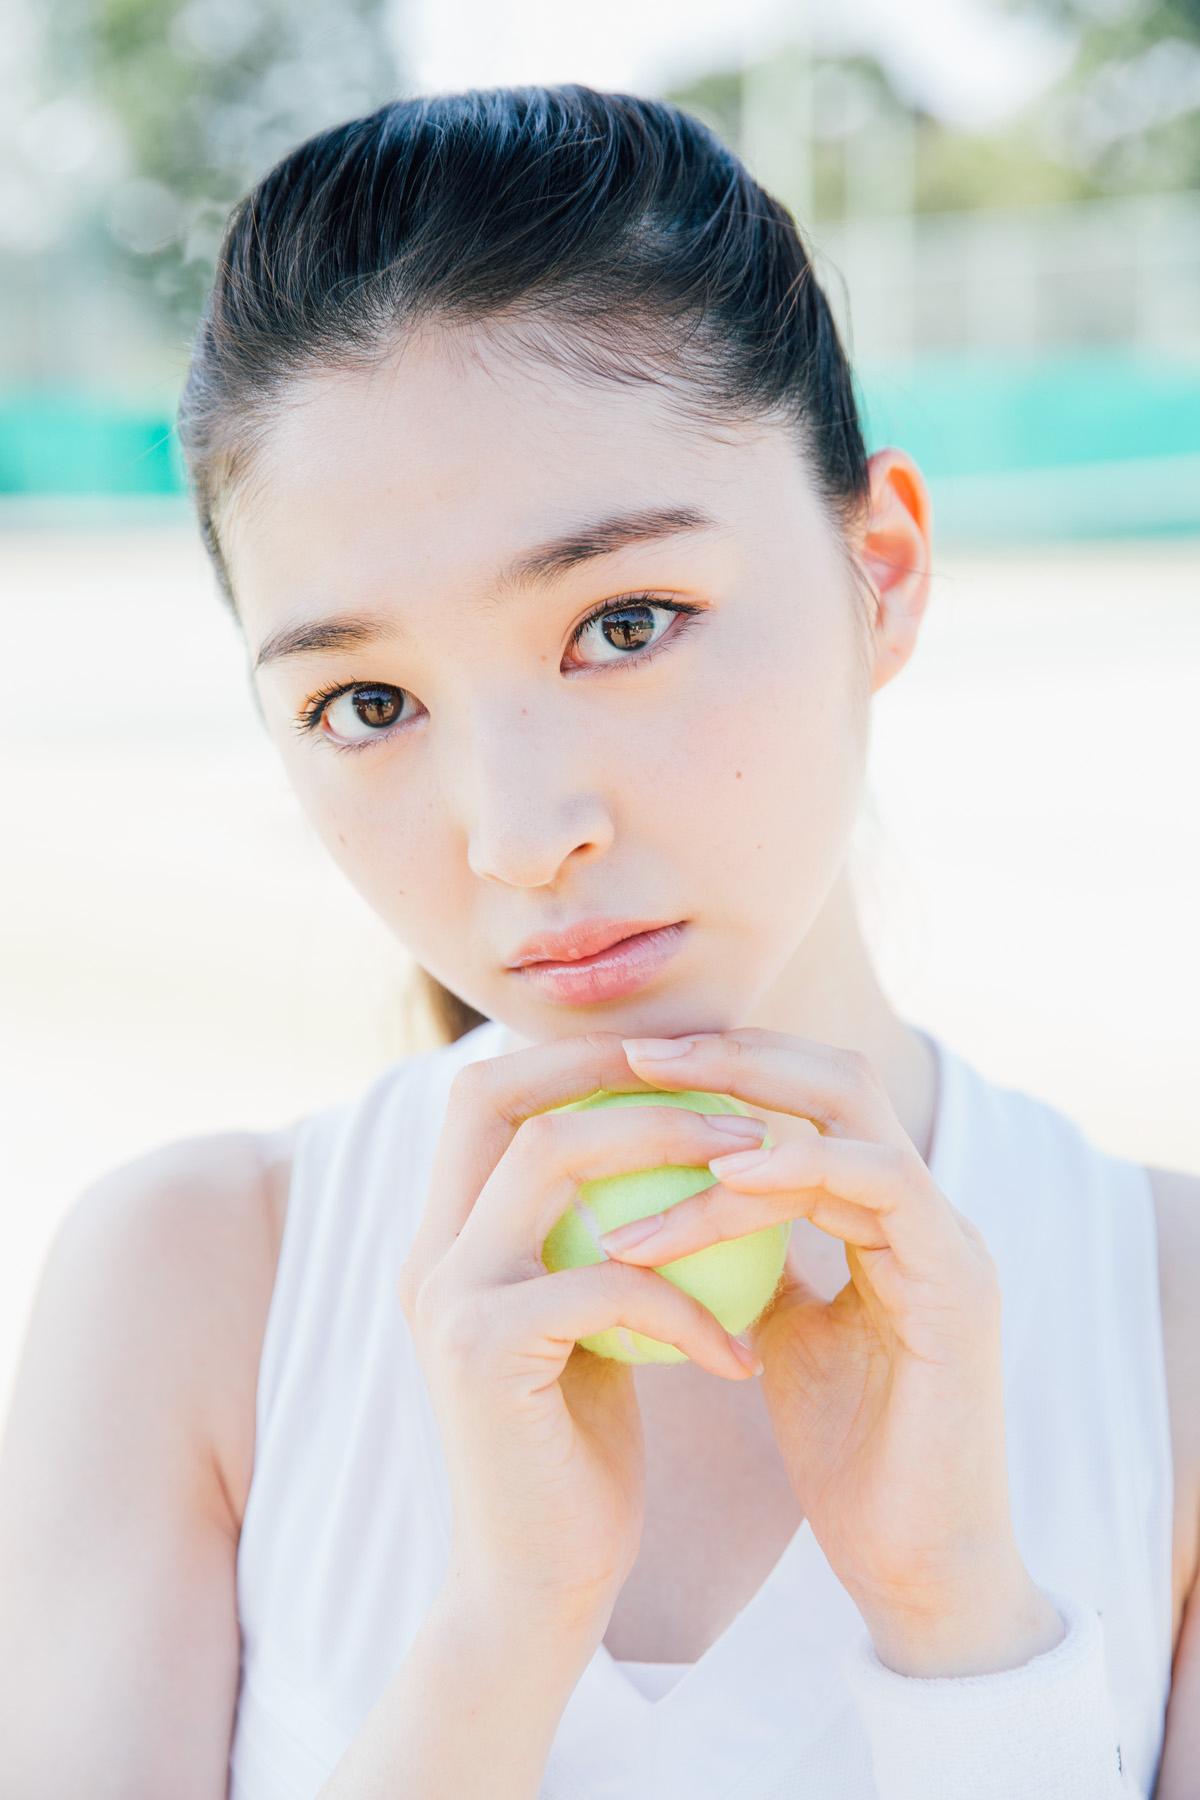 20160724_jyonishiseira3_offshot_toukou